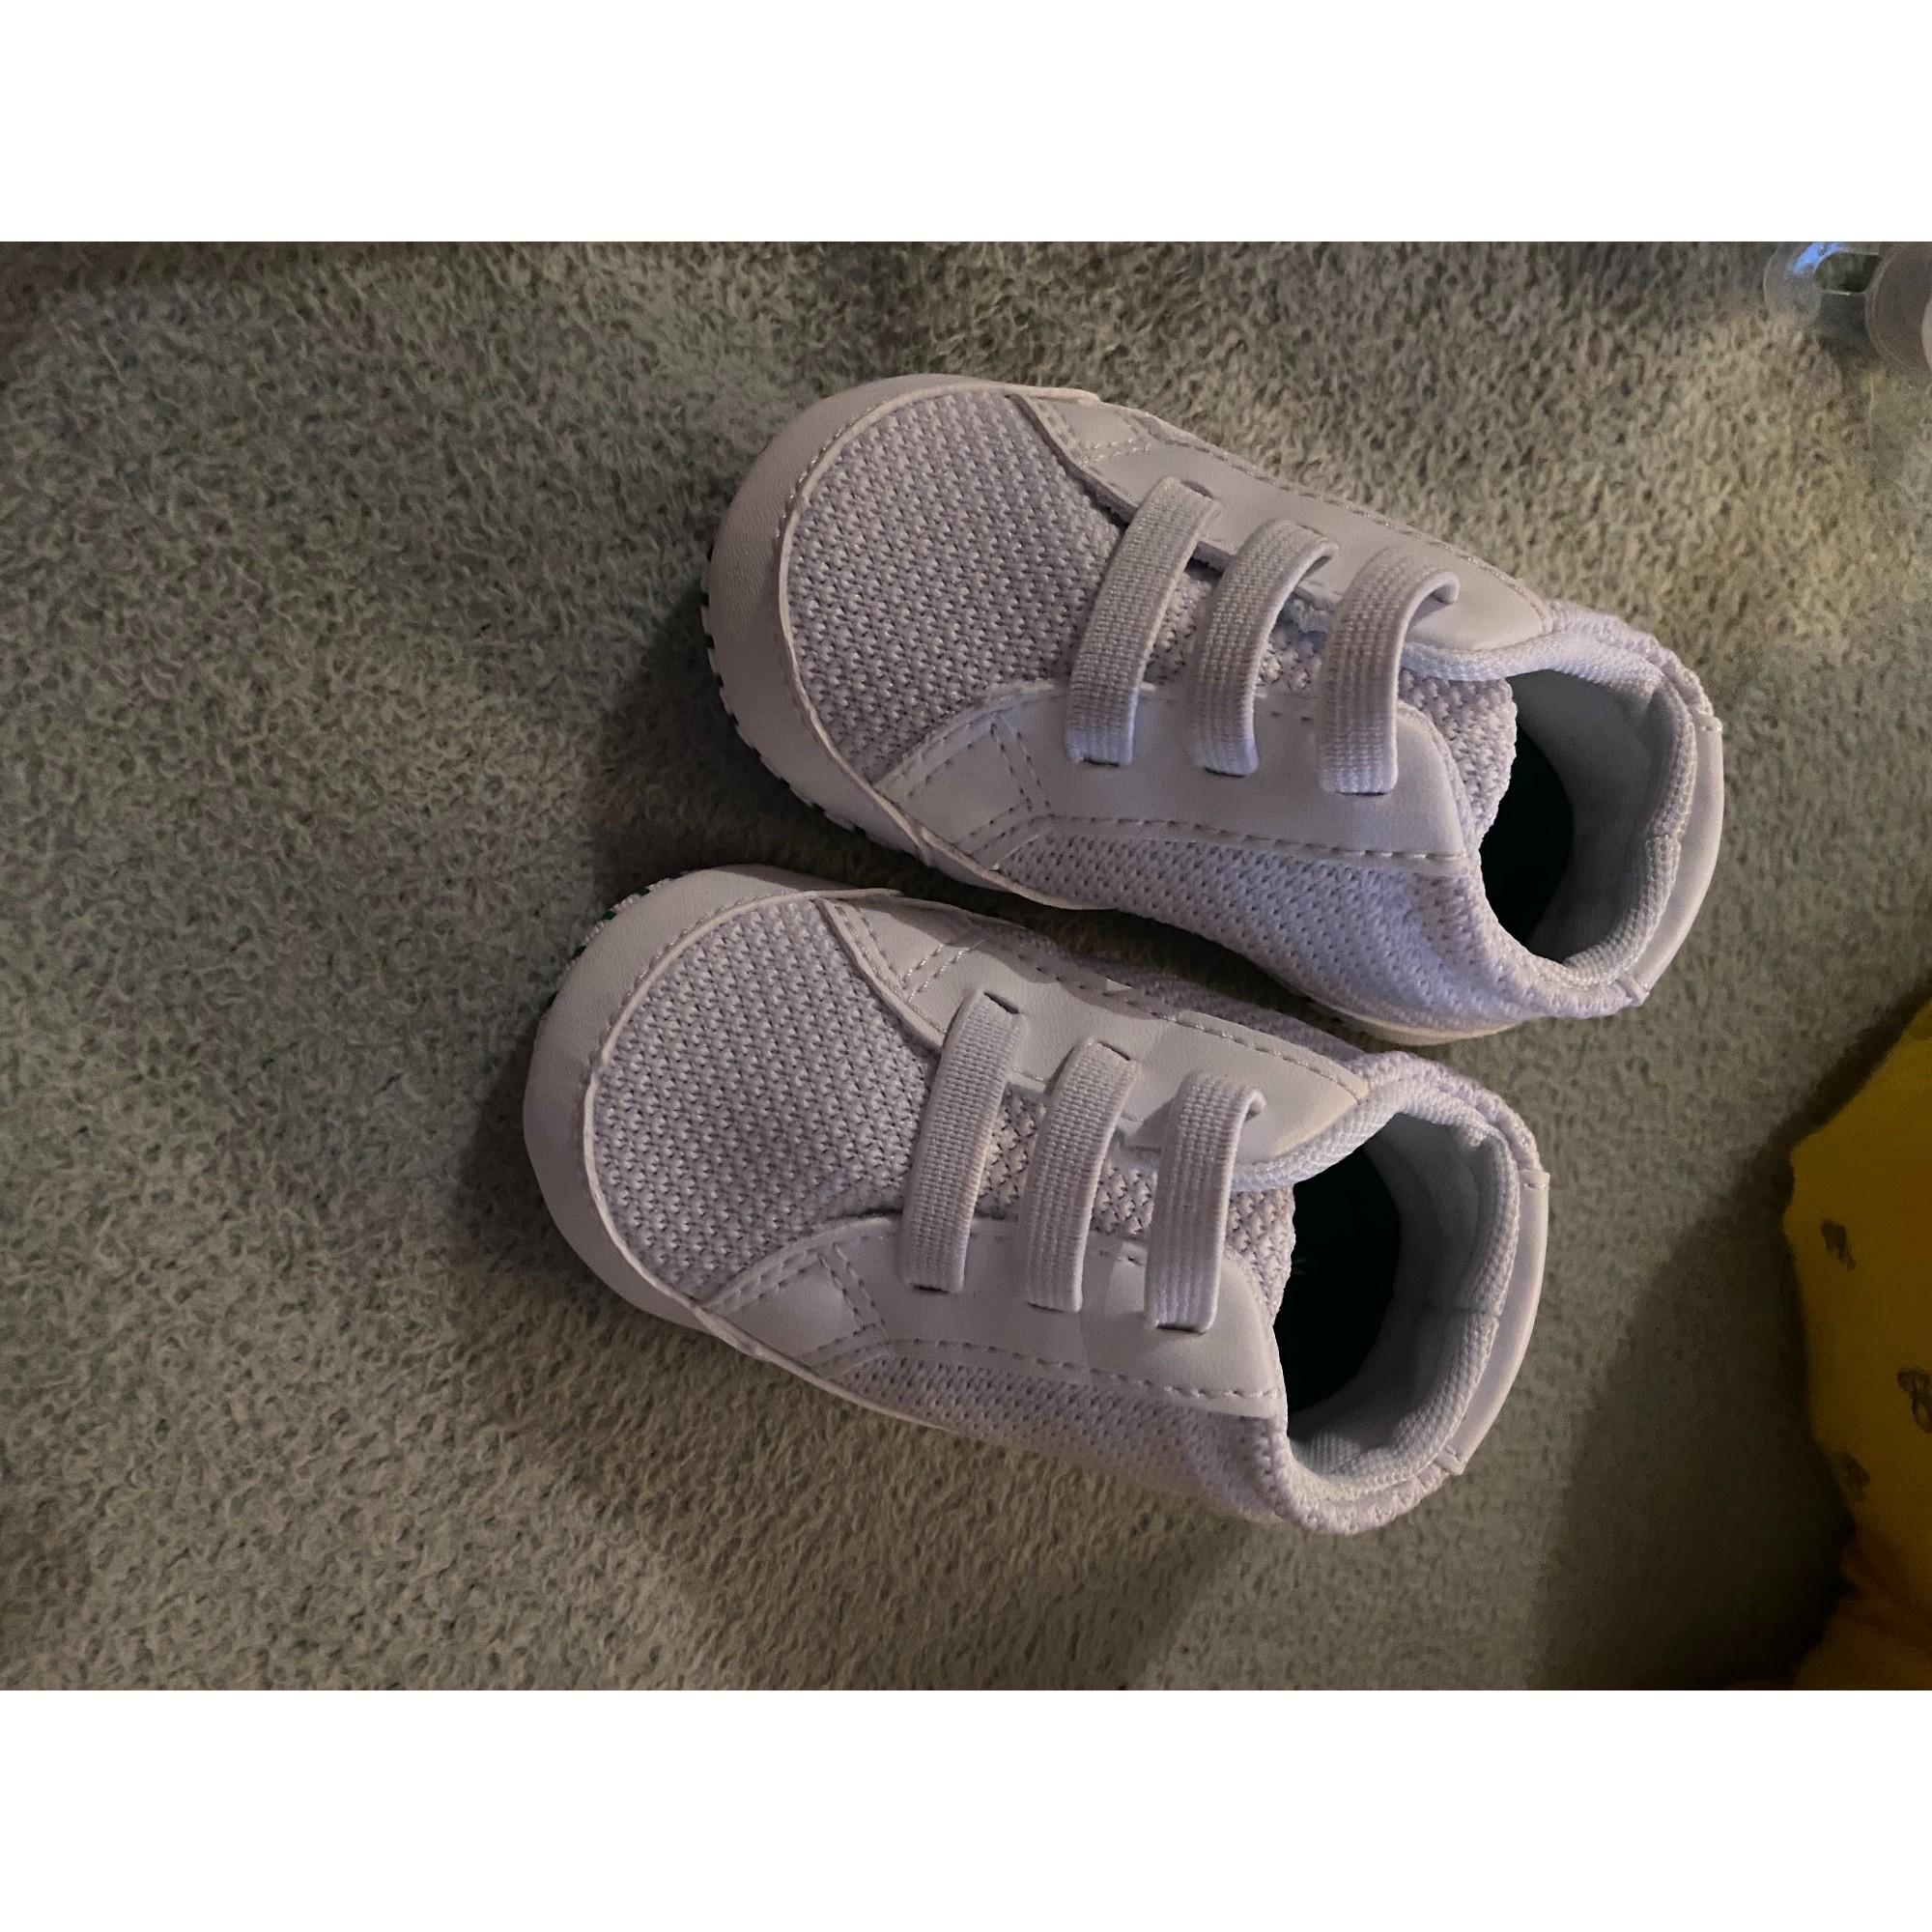 Slippers LACOSTE White, off-white, ecru